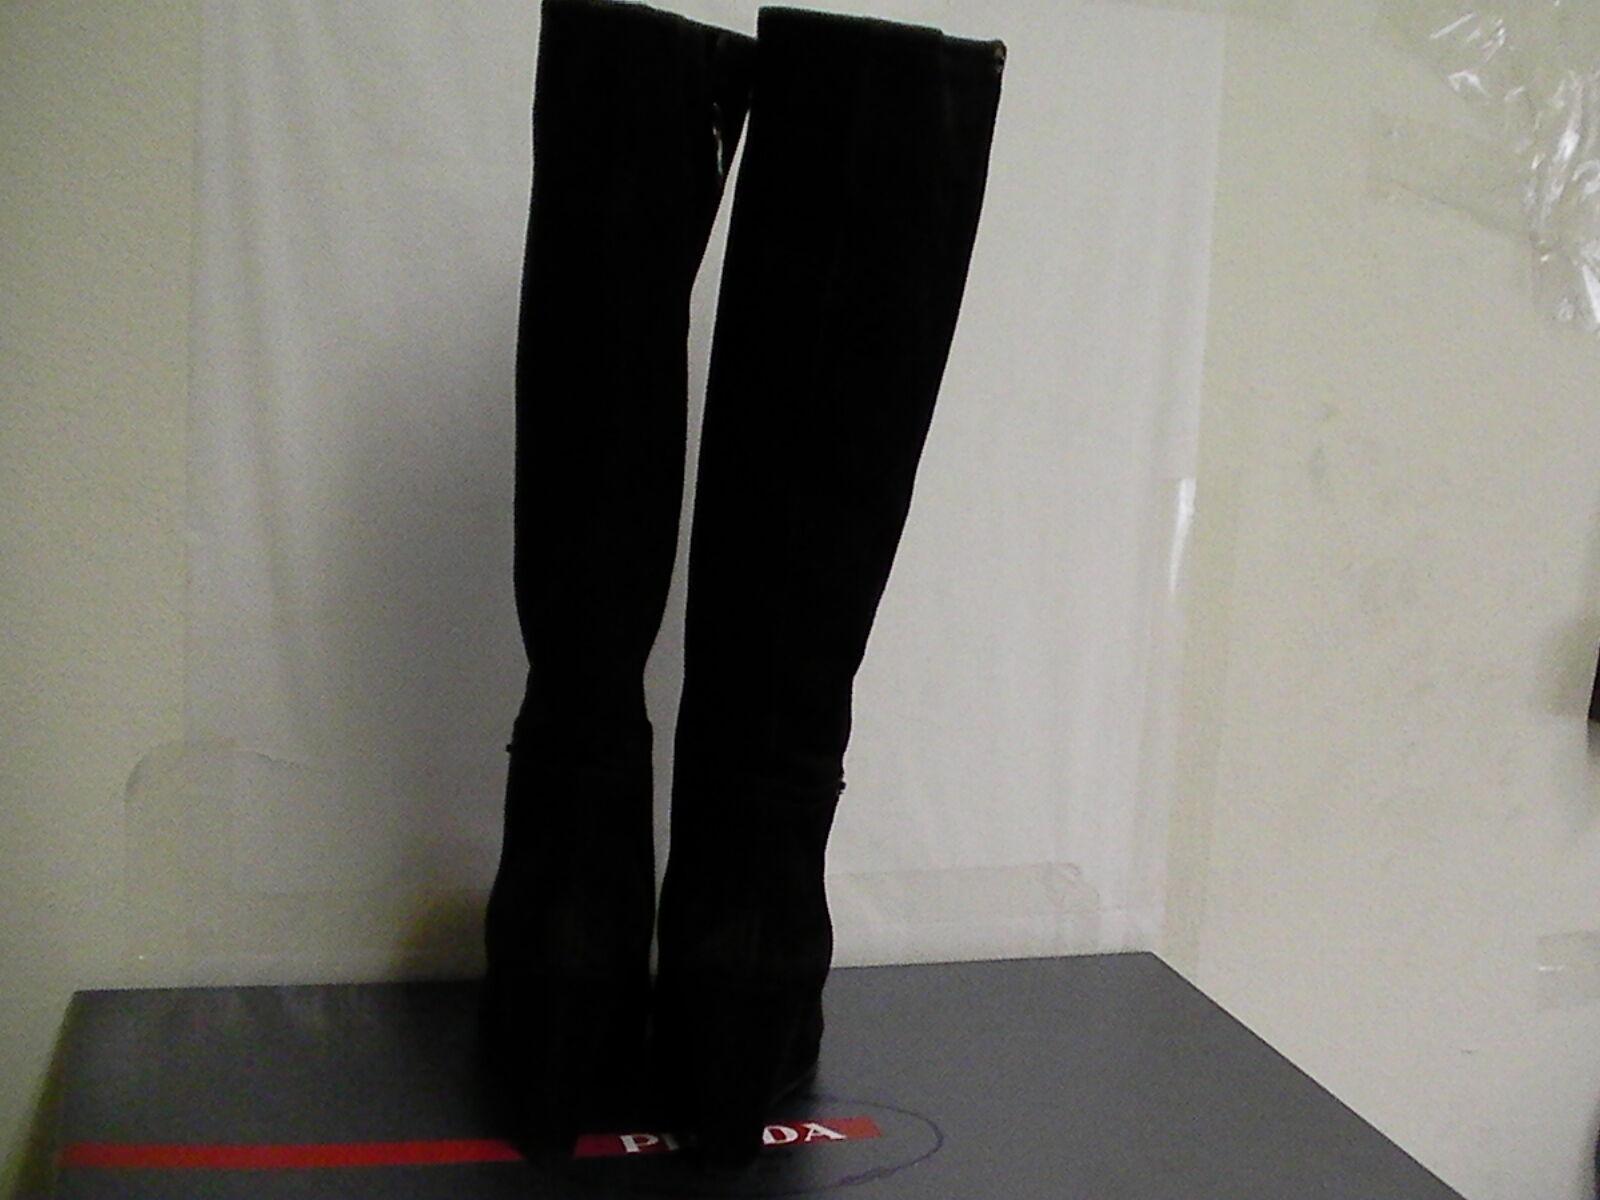 Femme Prada Milano Haut Bottes Daim Calzature femmes Neuve avec avec avec Taille de Boîte 31756d